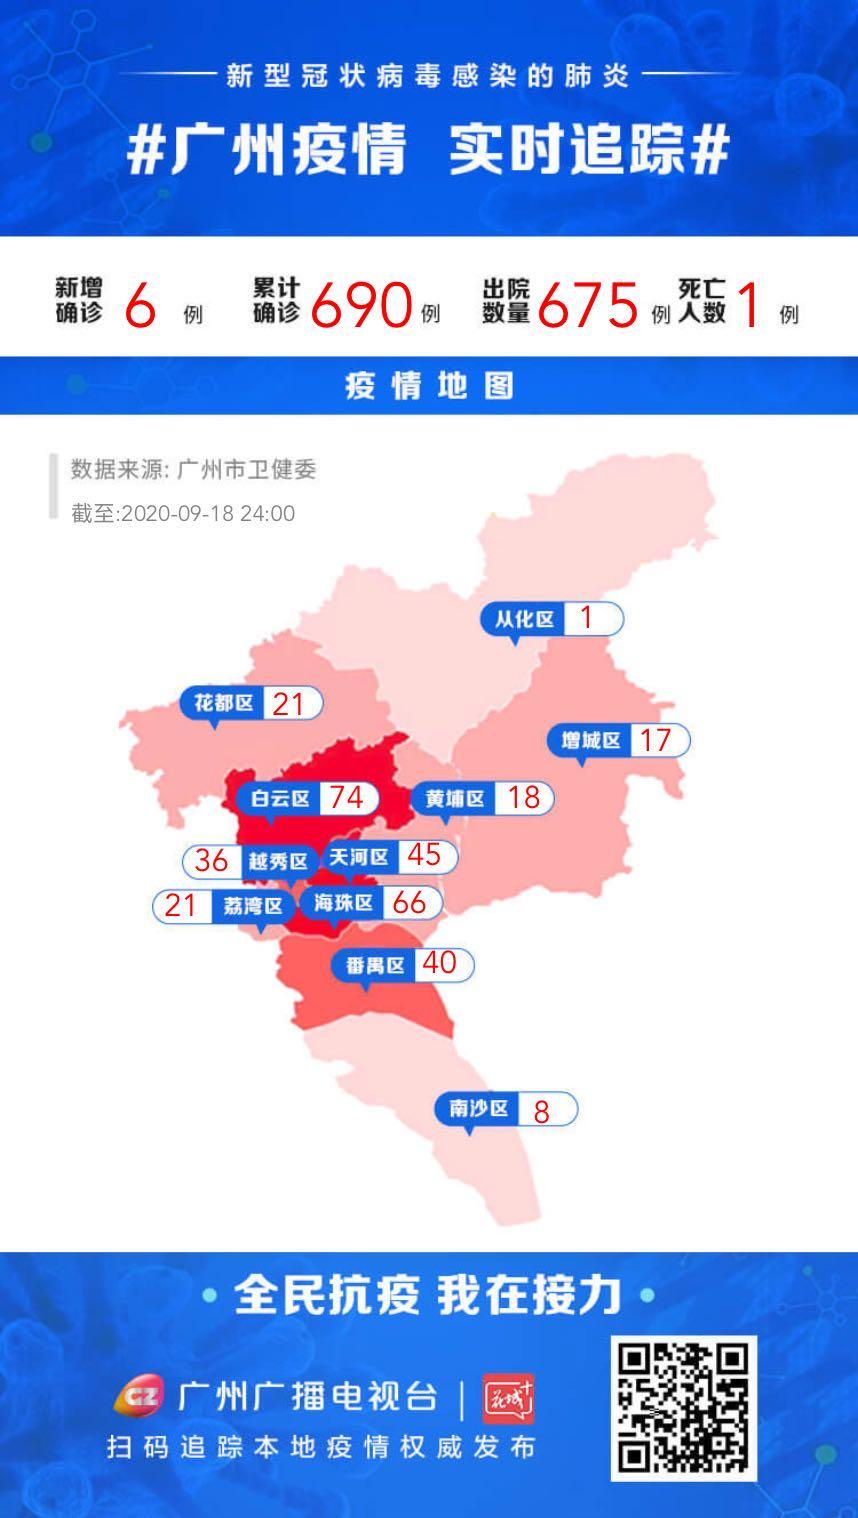 9月19日晚·广州要闻及抗击肺炎快报